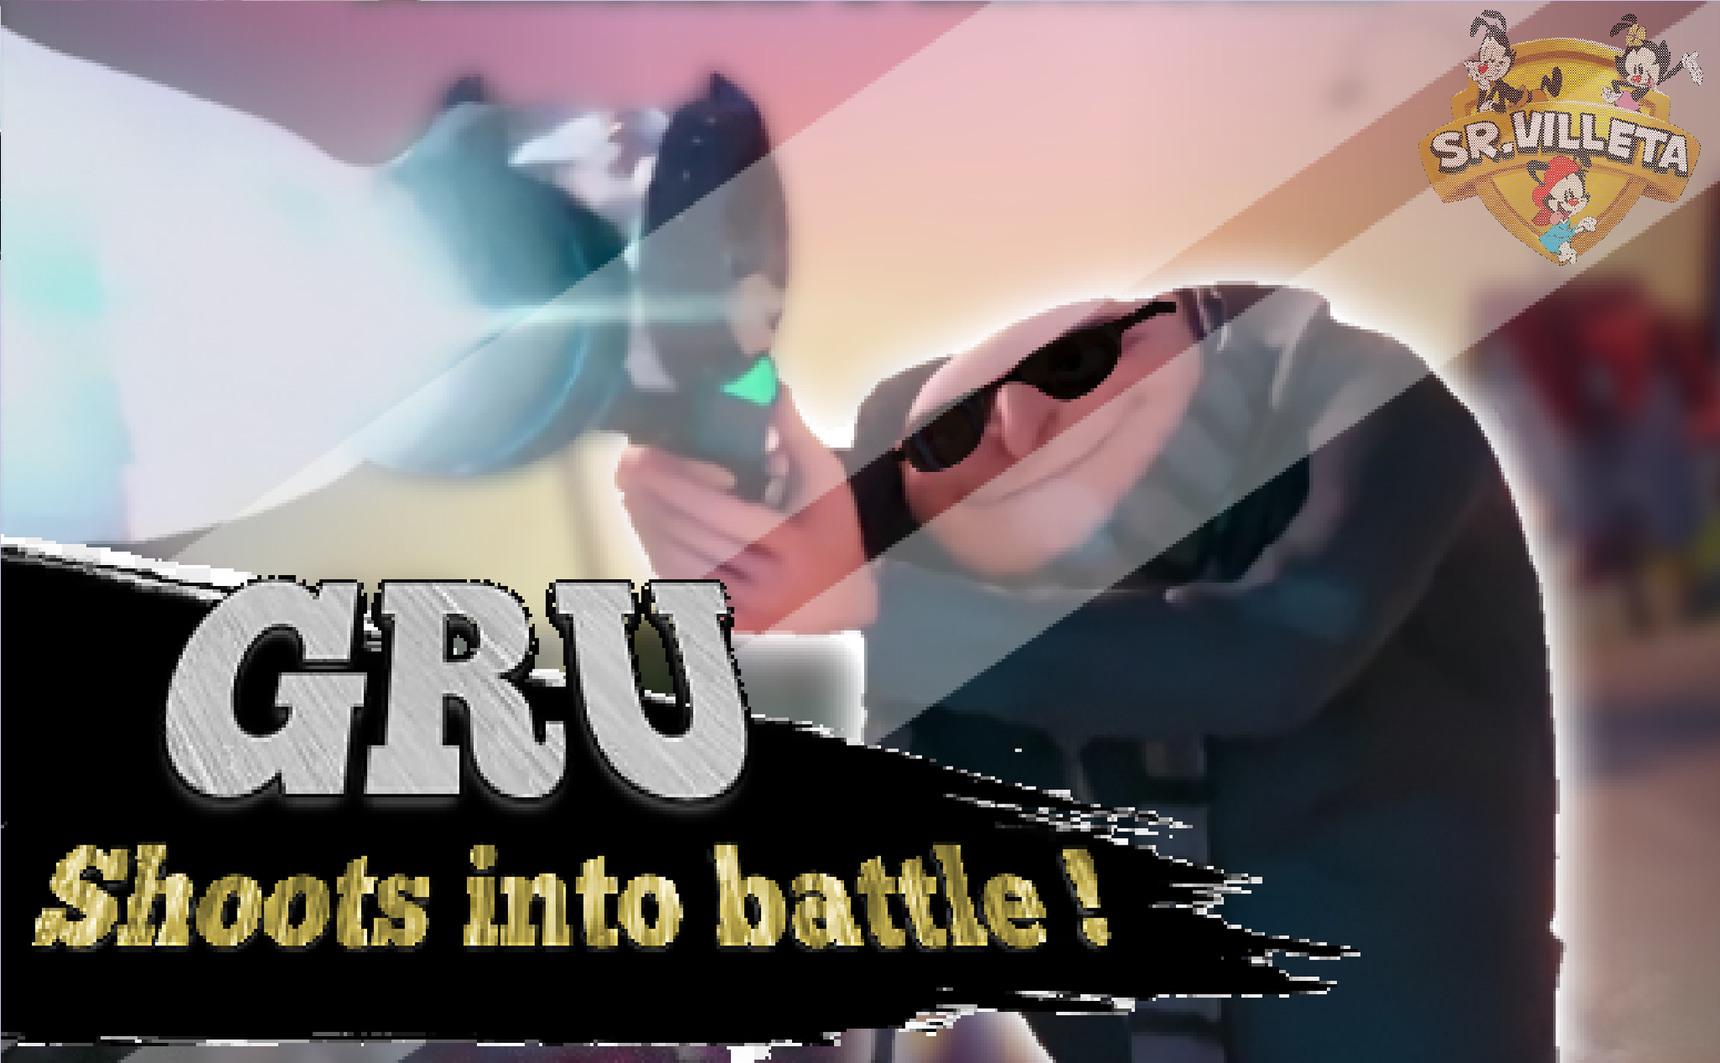 Se filtra nuevo luchador para smash bros ultimate - meme